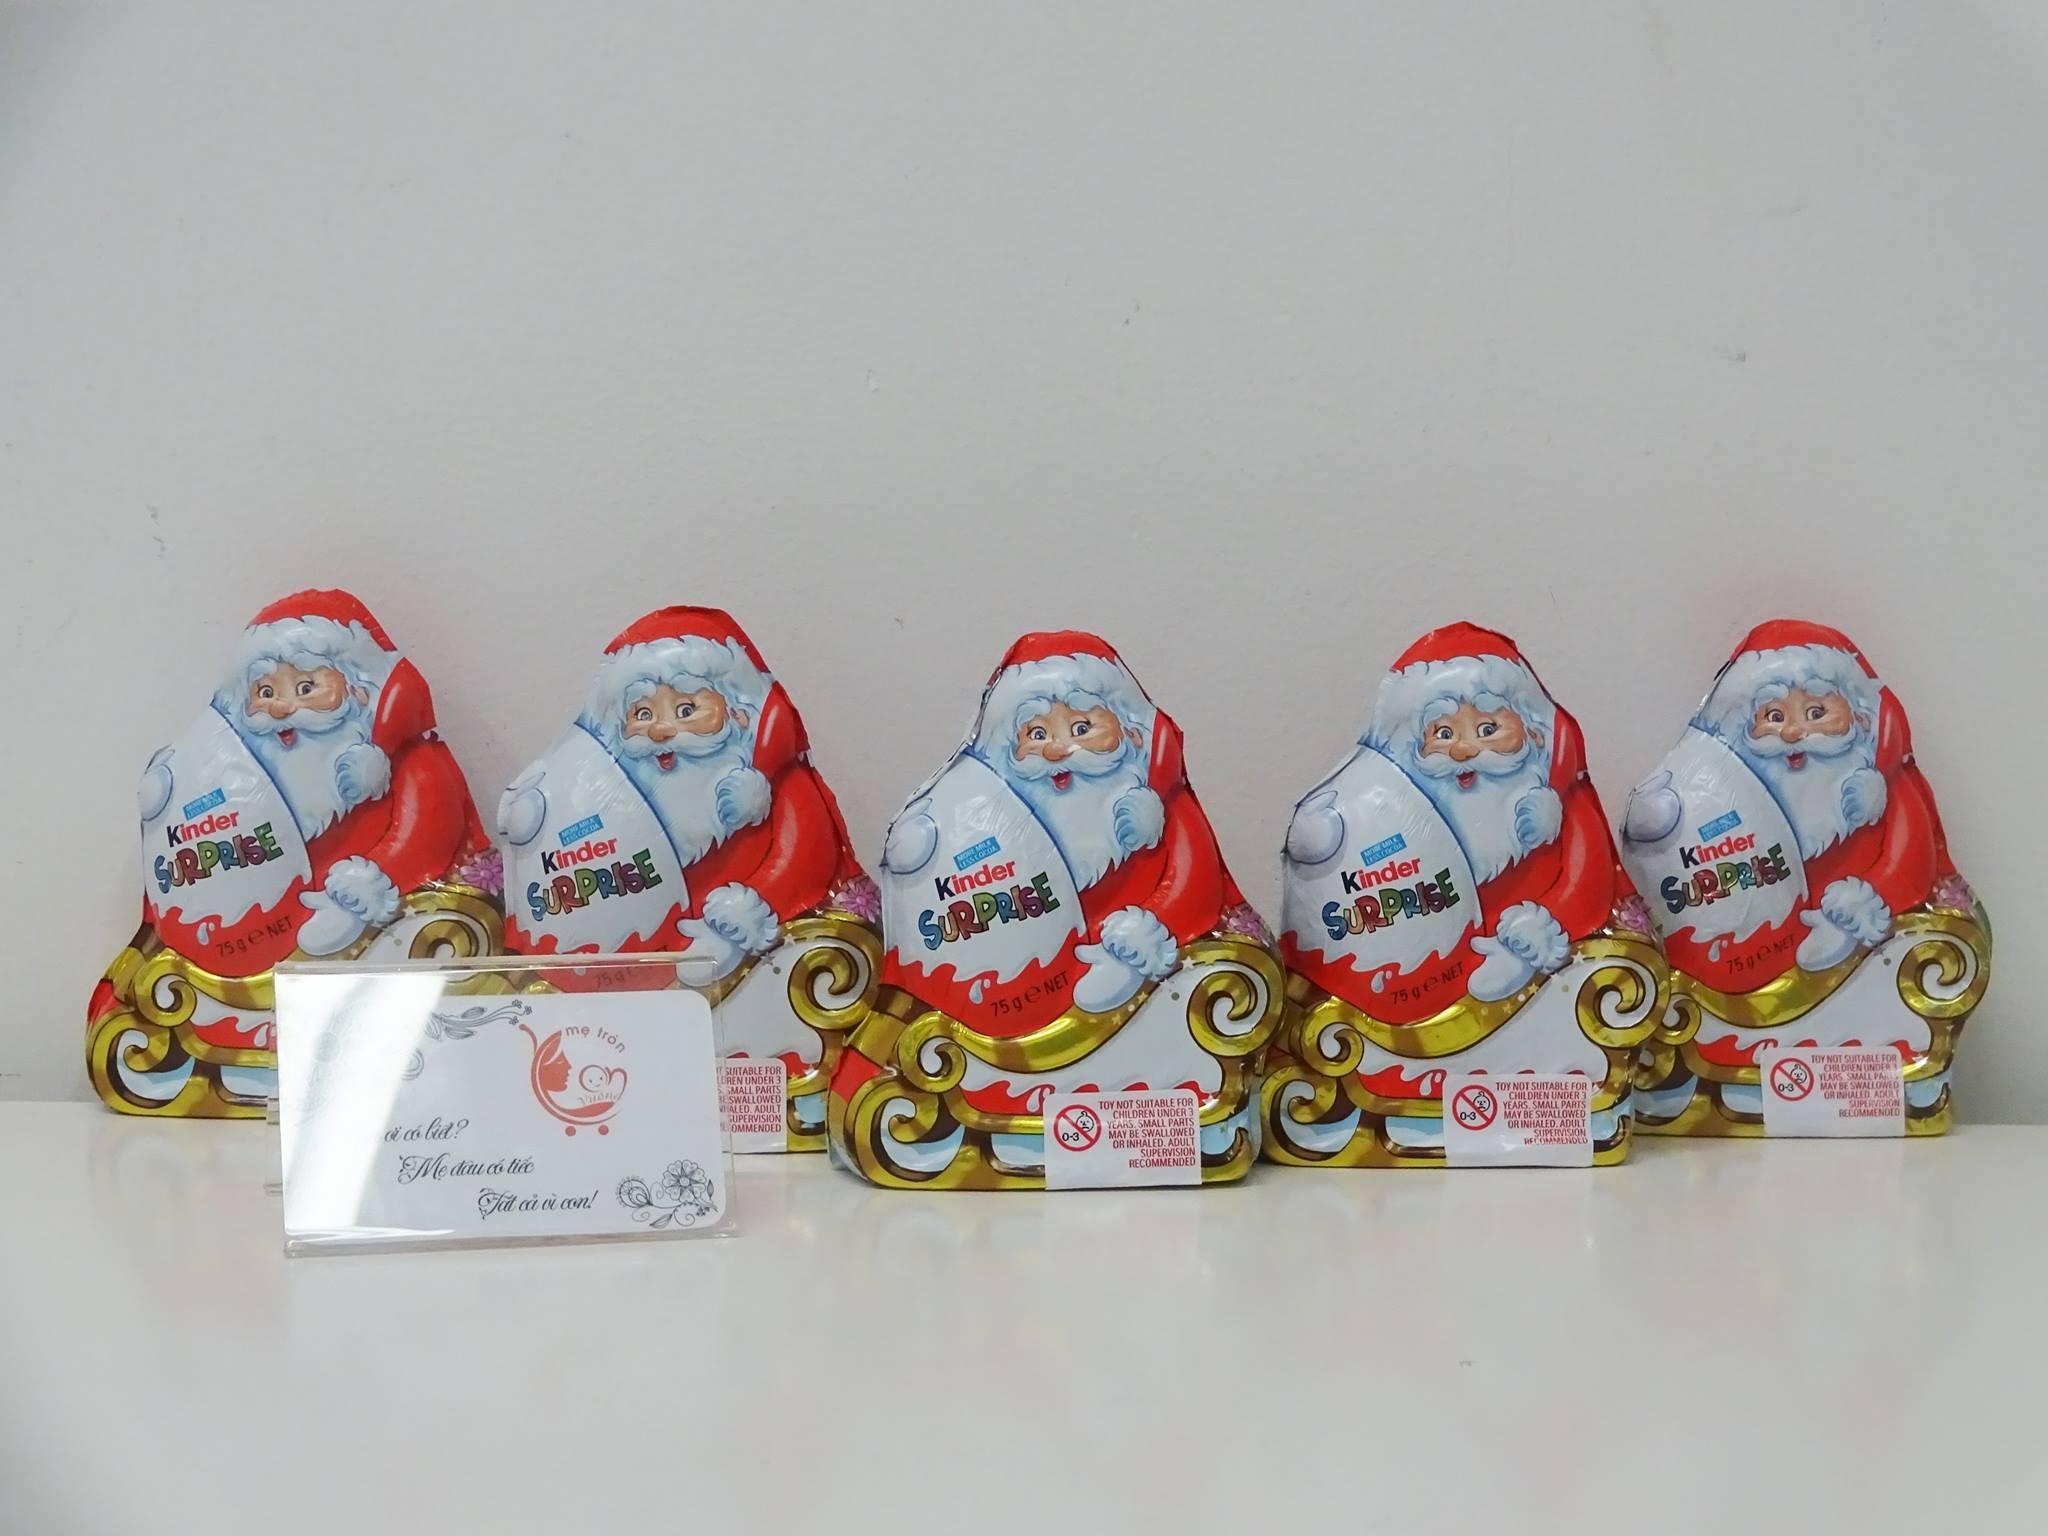 Phần kẹo ông già noel của hãng Kinder nổi tiếng với giá 130 ngàn